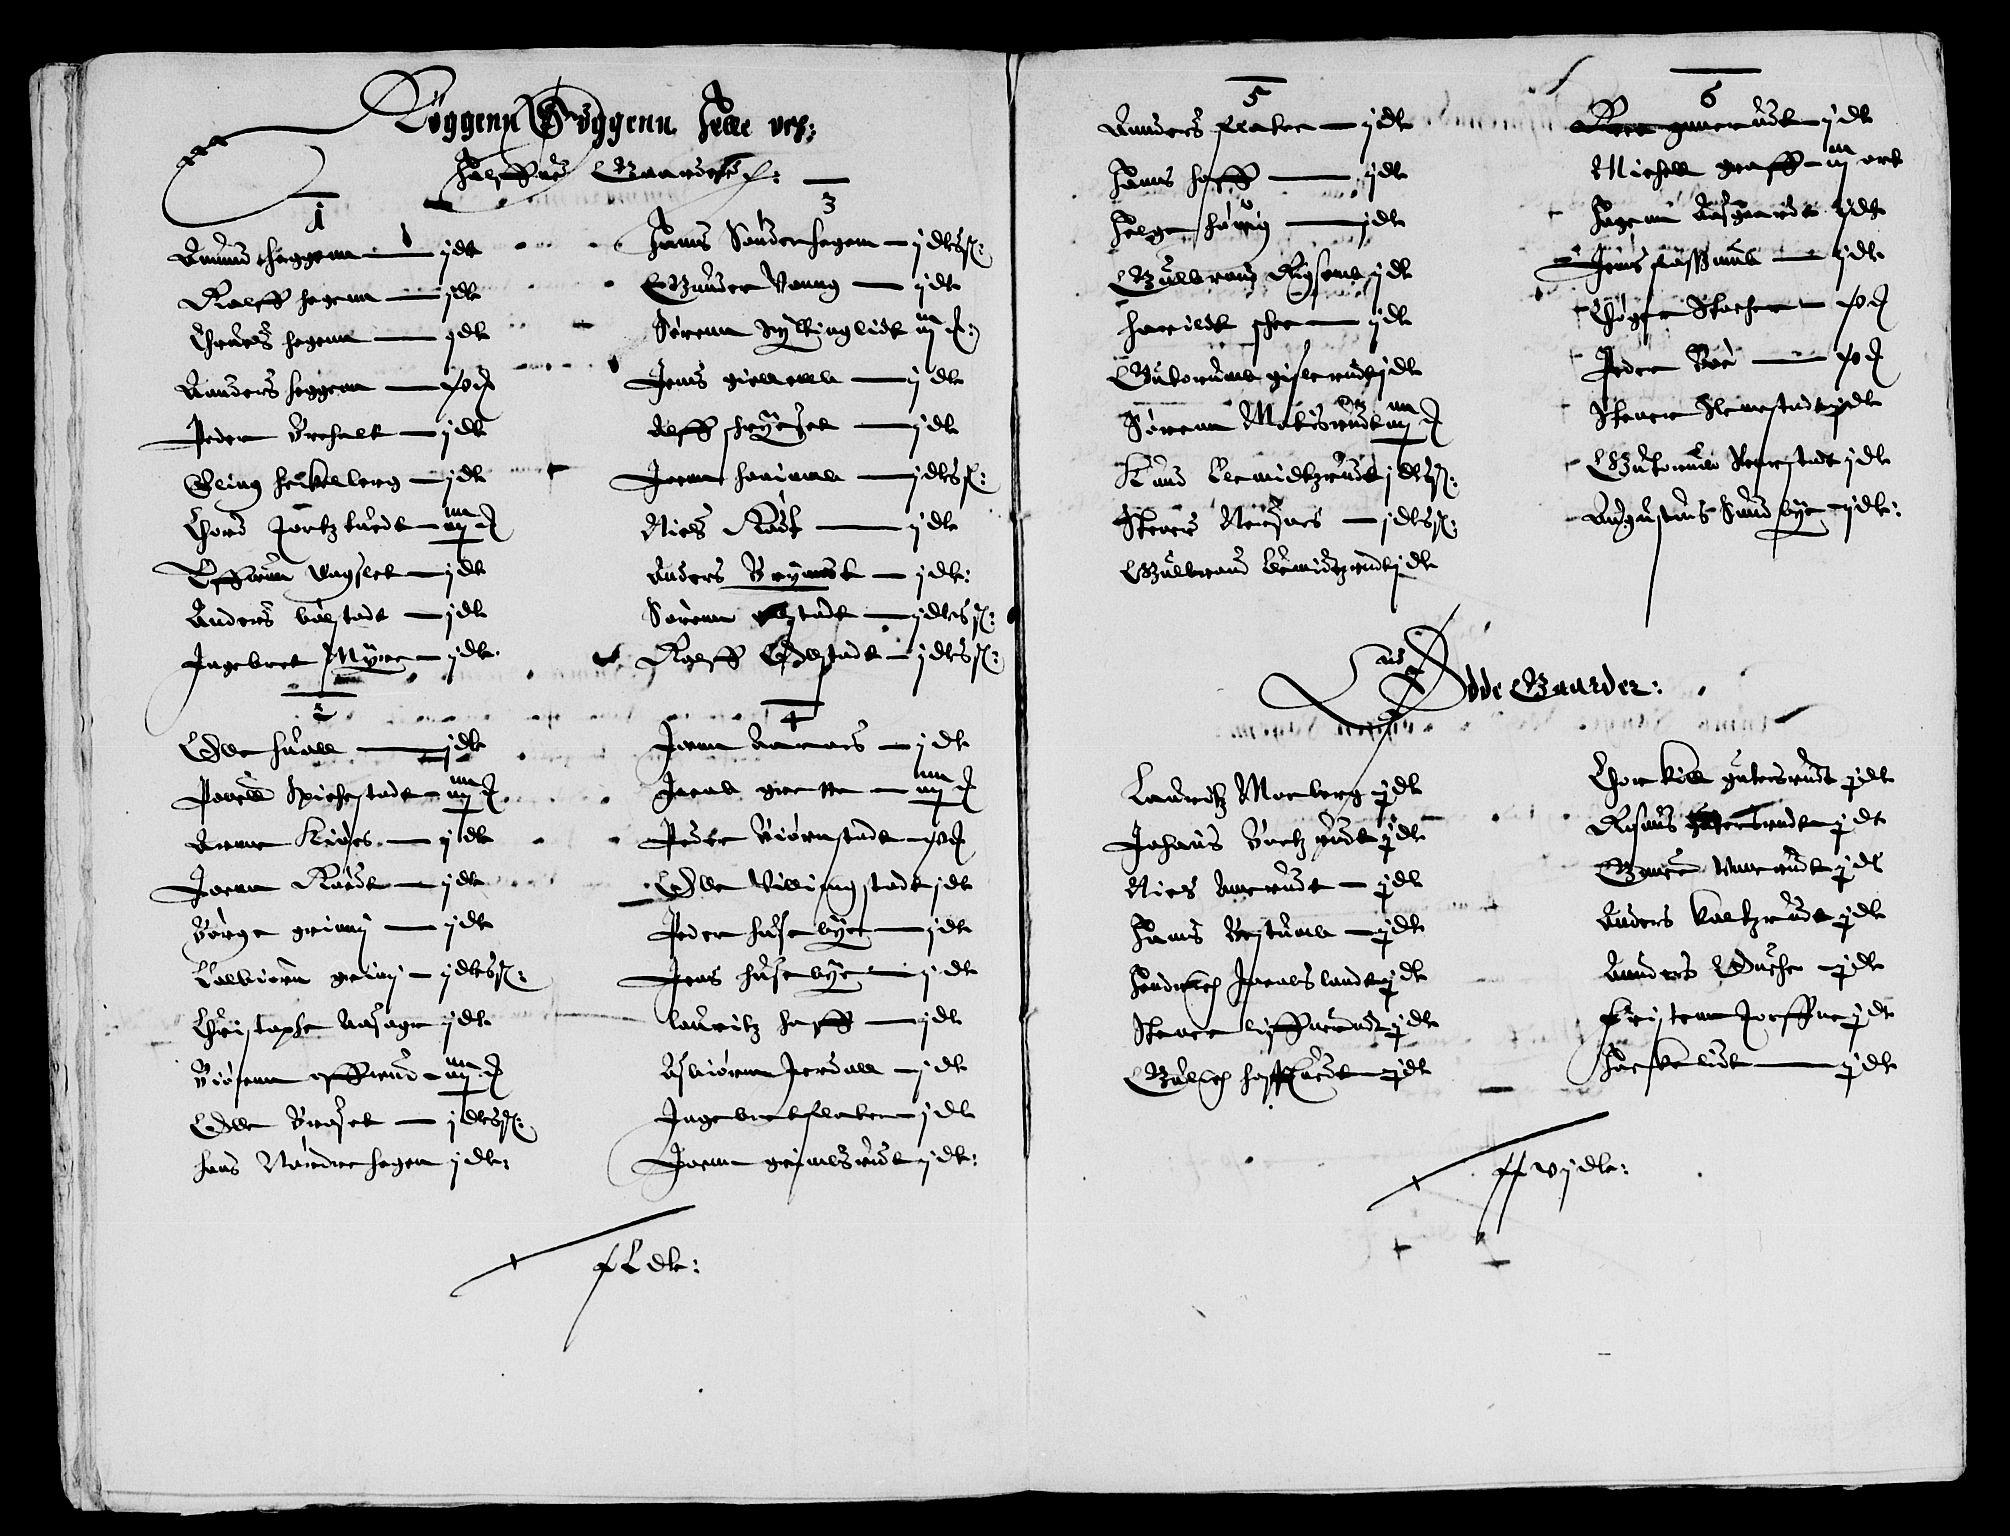 RA, Rentekammeret inntil 1814, Reviderte regnskaper, Lensregnskaper, R/Rb/Rba/L0120: Akershus len, 1634-1635